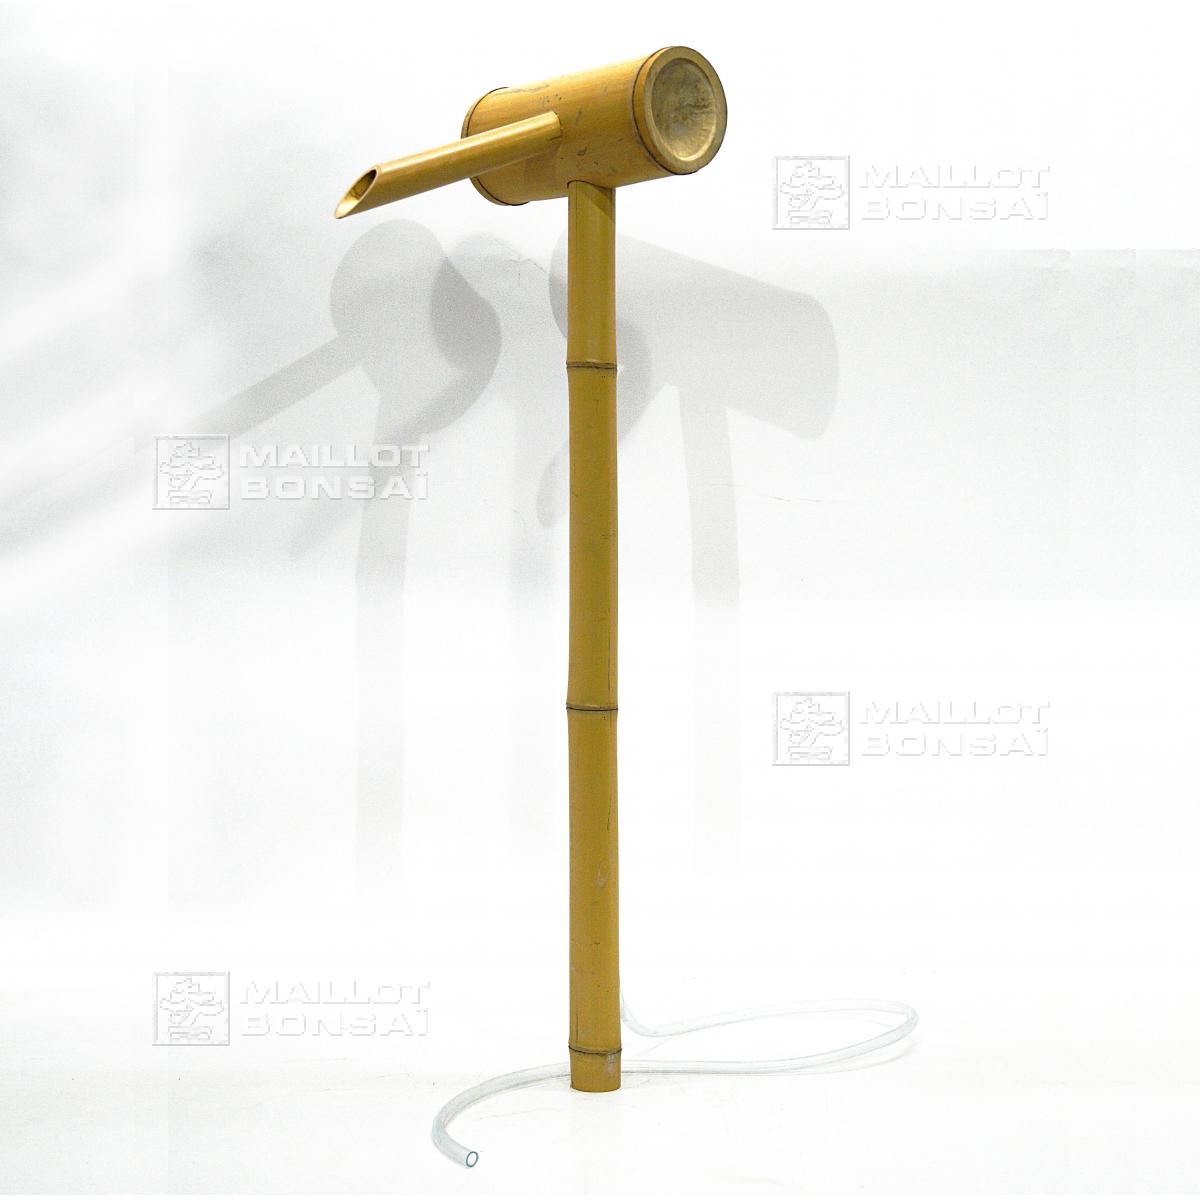 Bambous bec verseur de bassin tsukubai de maillot bonsa la boutique maillo - Arrosage bambou exterieur ...